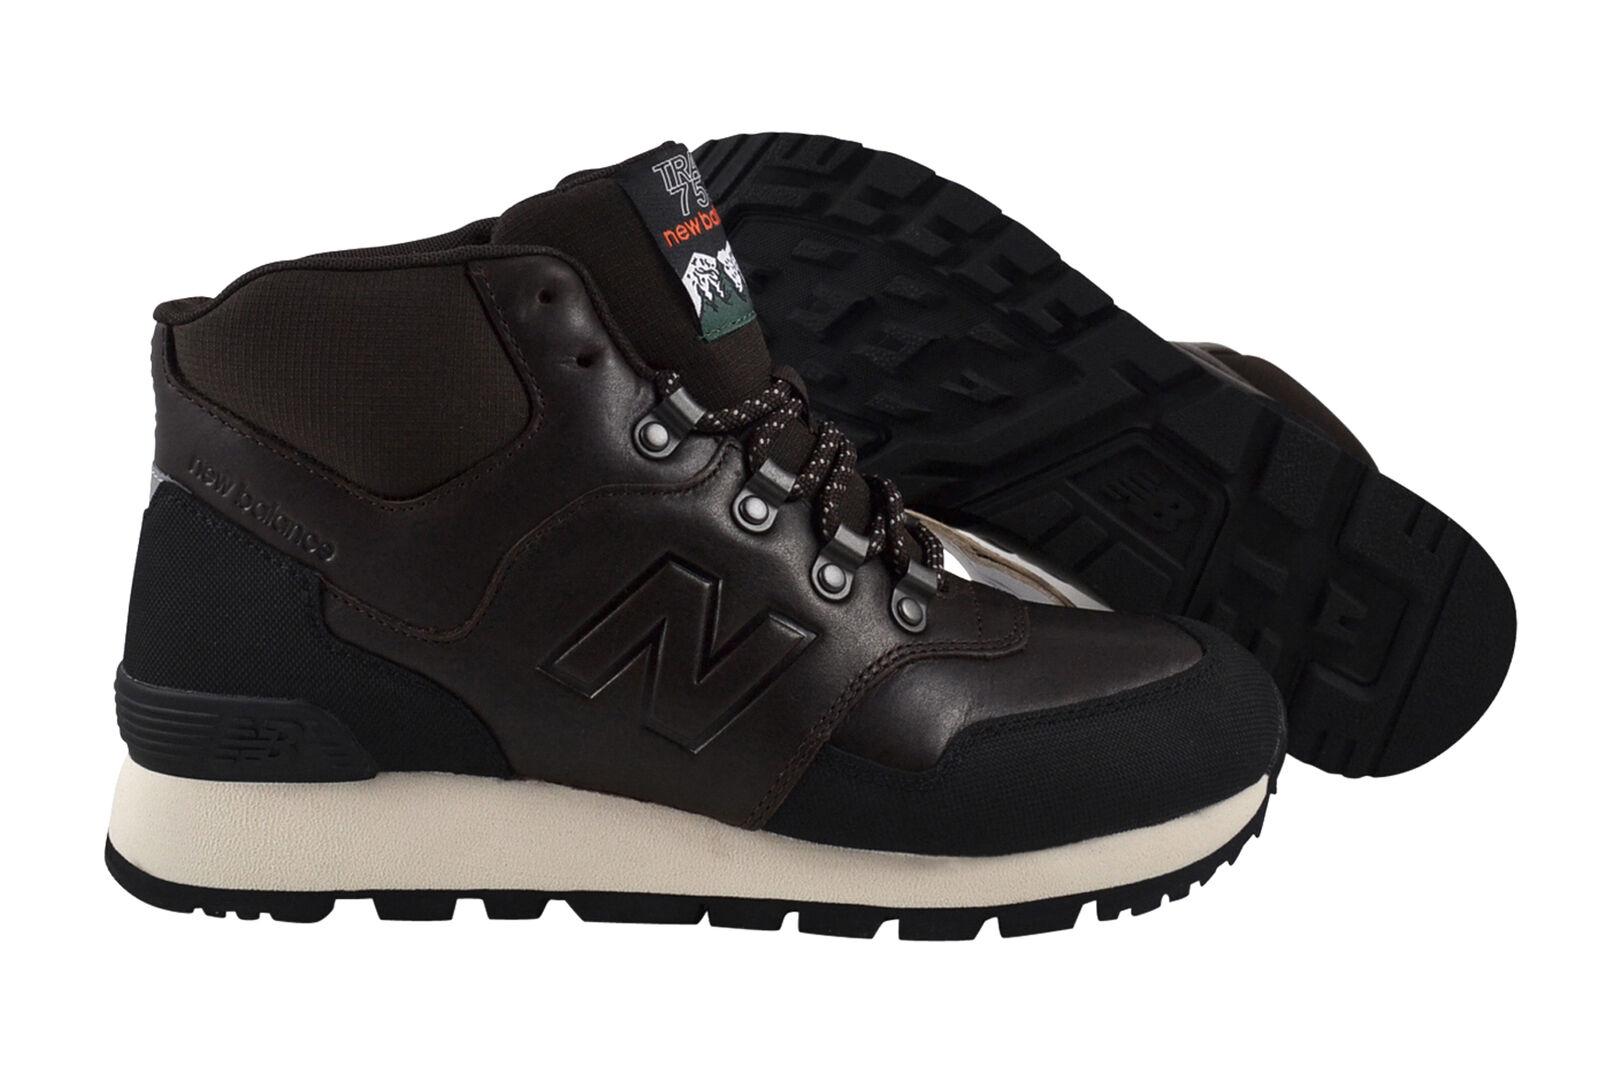 Zapatos casuales salvajes New balance hl755 br Brown zapatos botas cortos marrón